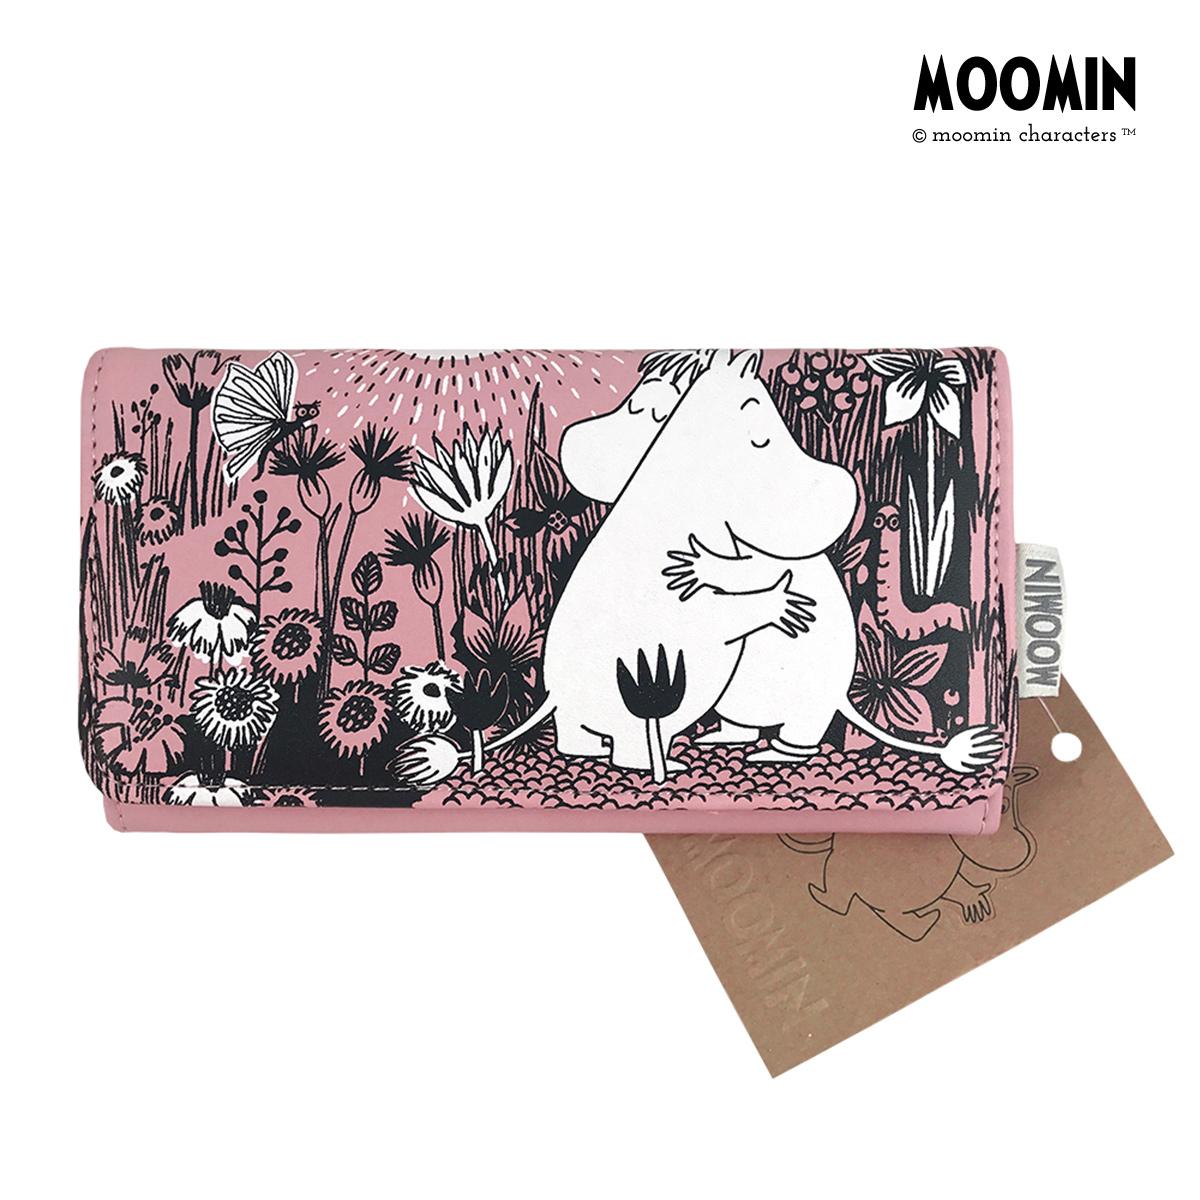 姆明Moomin官方 姆明卡通长款钱包 英国Disaster Designs进口包邮